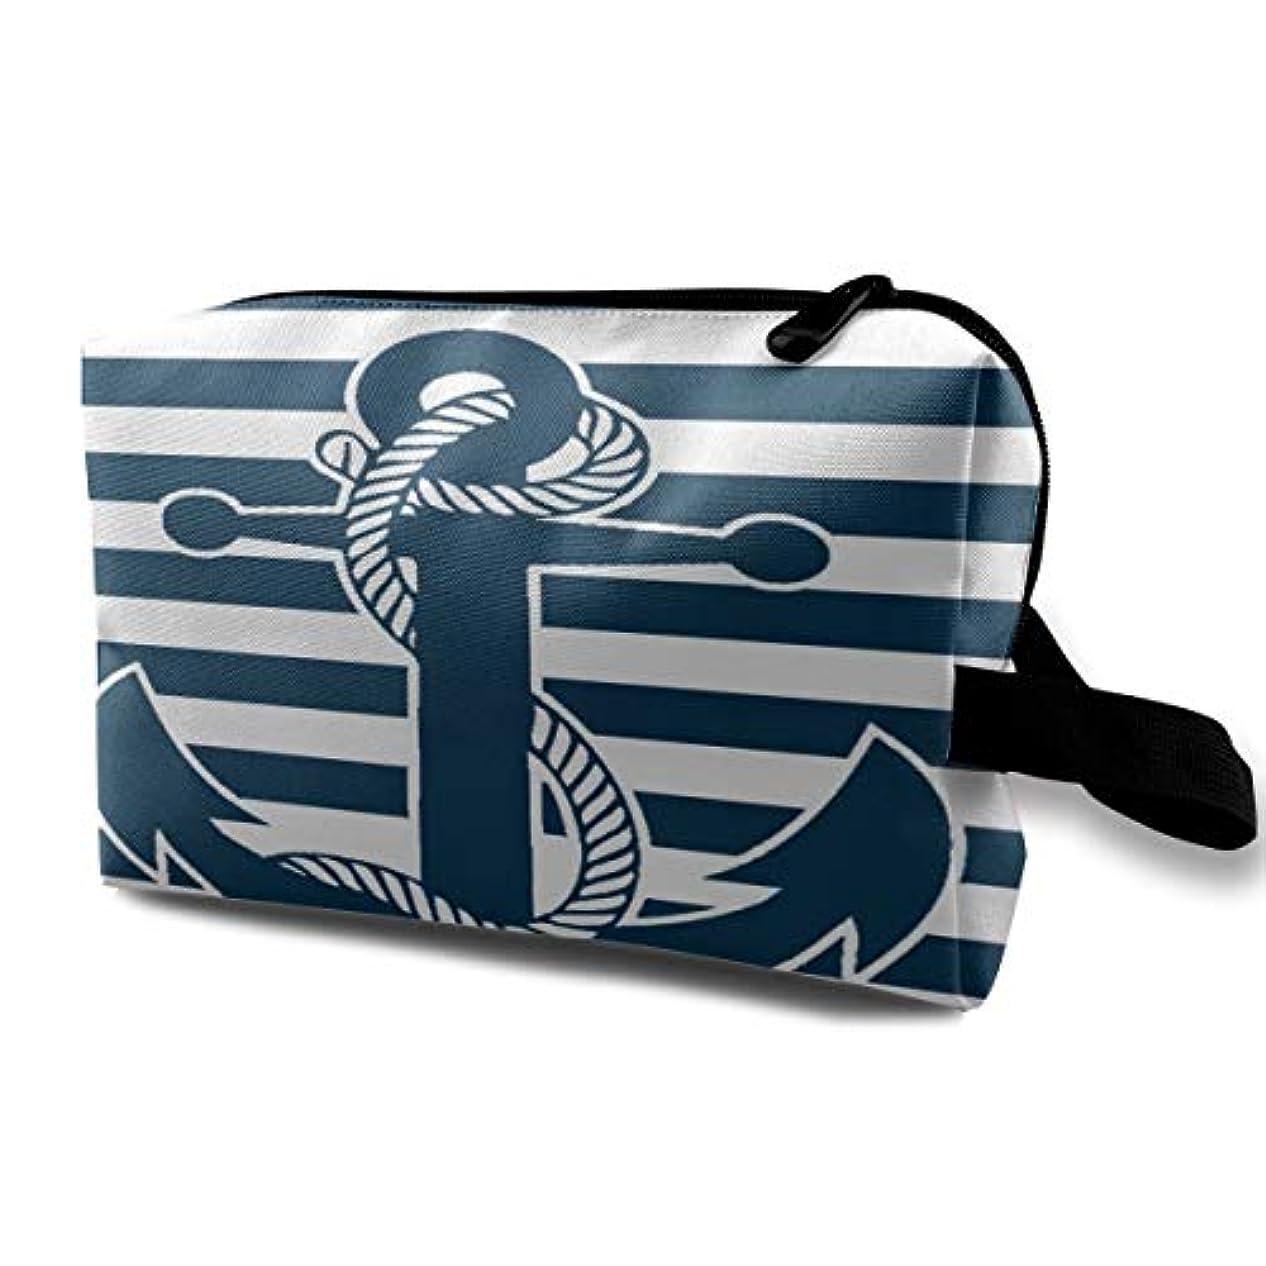 密接に中断くるみRetro Nautical Anchor 収納ポーチ 化粧ポーチ 大容量 軽量 耐久性 ハンドル付持ち運び便利。入れ 自宅?出張?旅行?アウトドア撮影などに対応。メンズ レディース トラベルグッズ